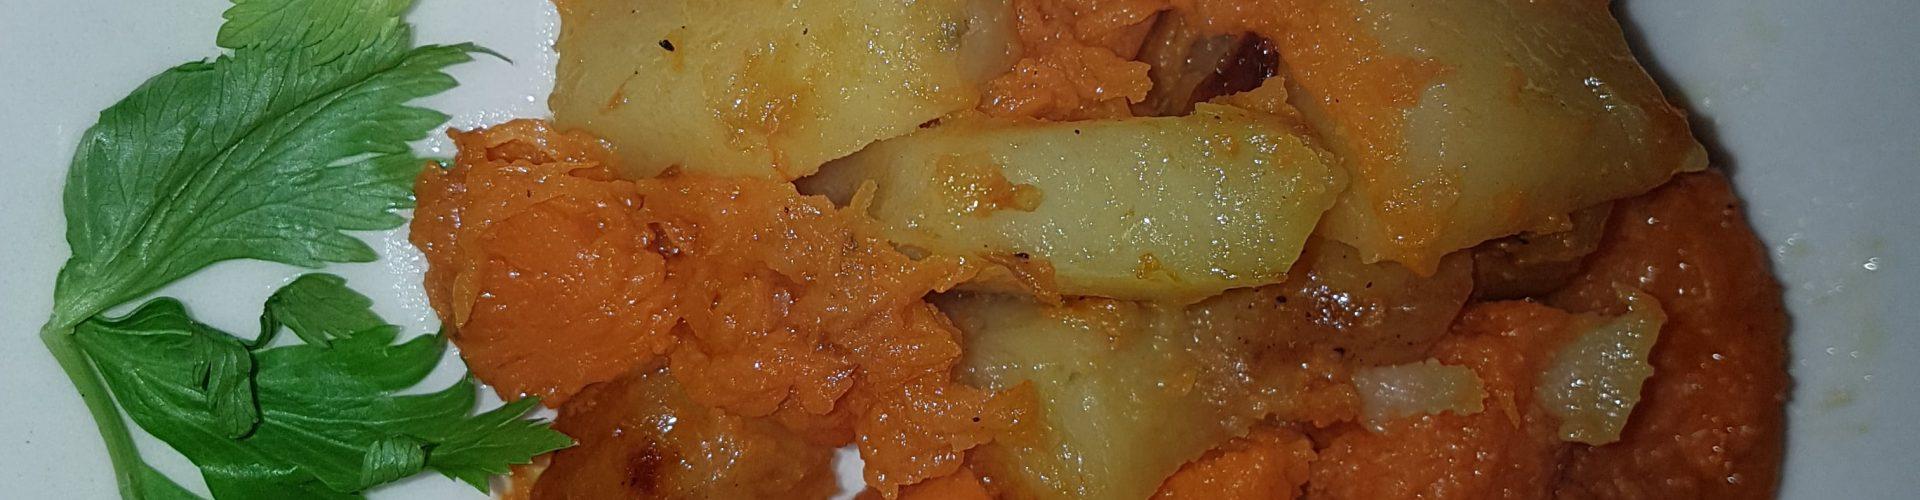 Zucca e patate contorno alternativo colorato